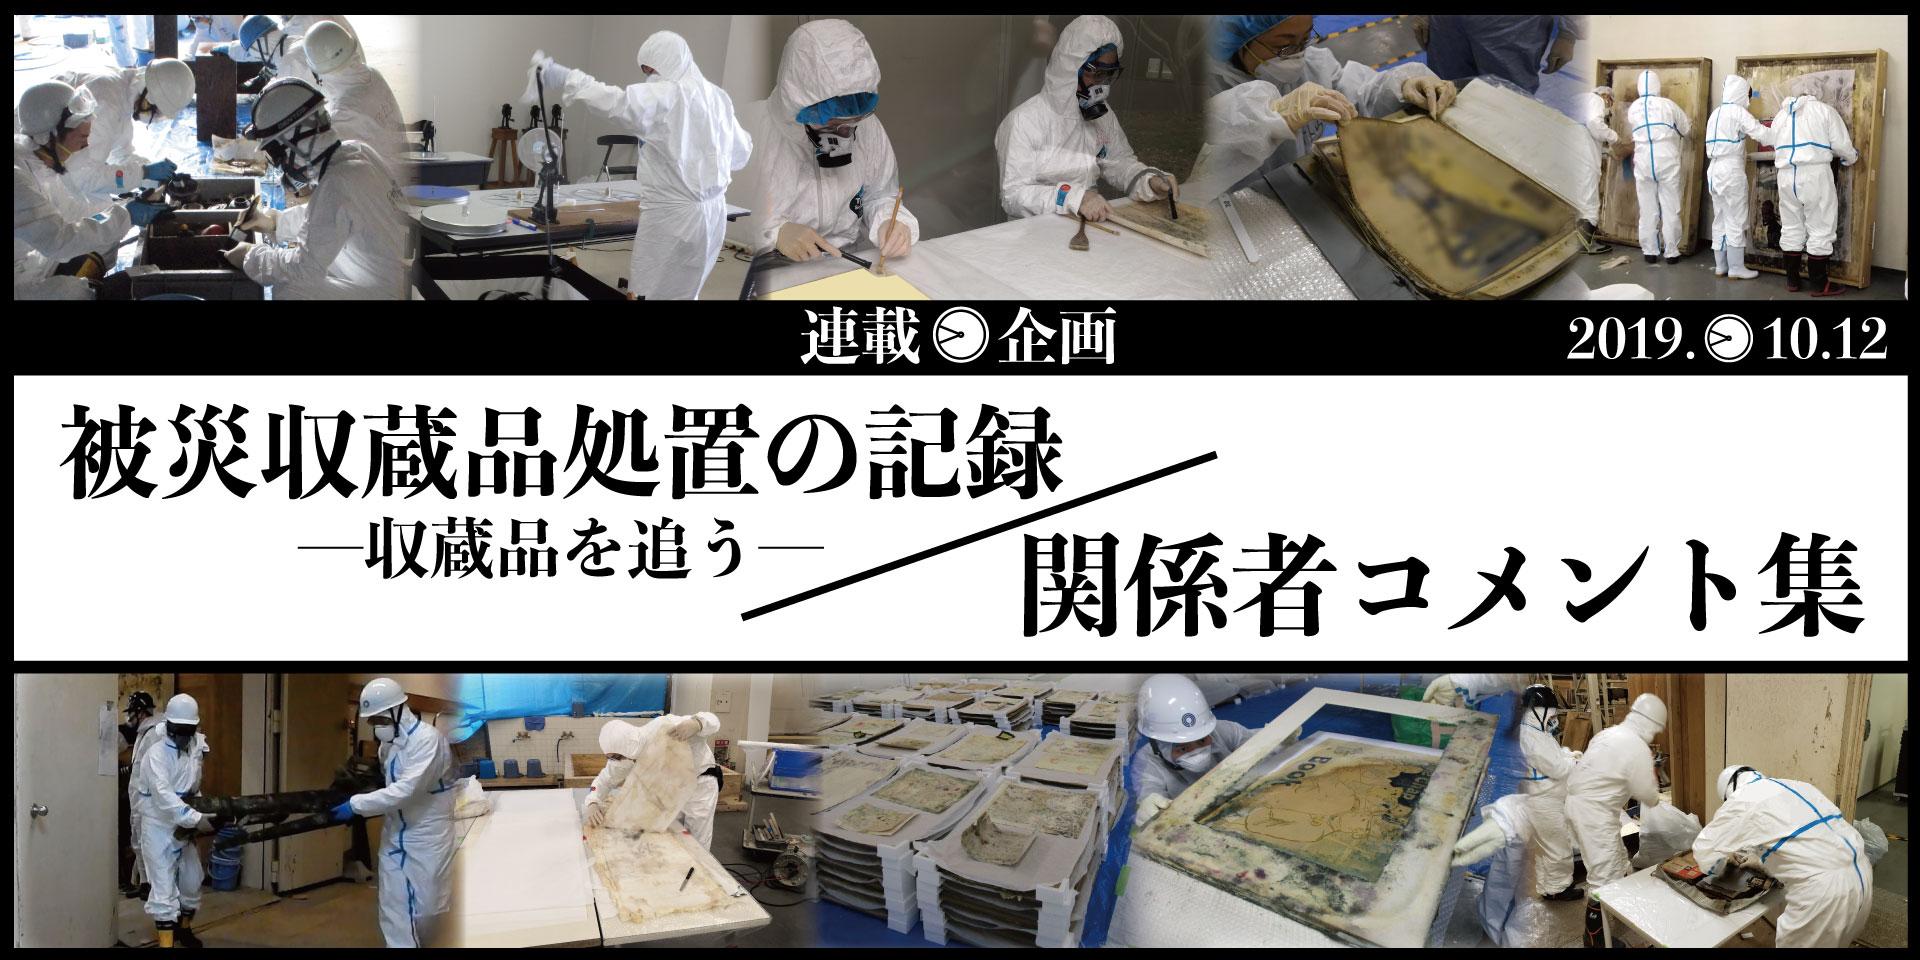 連載企画 川崎市市民ミュージアム被災収蔵品レスキューの記録